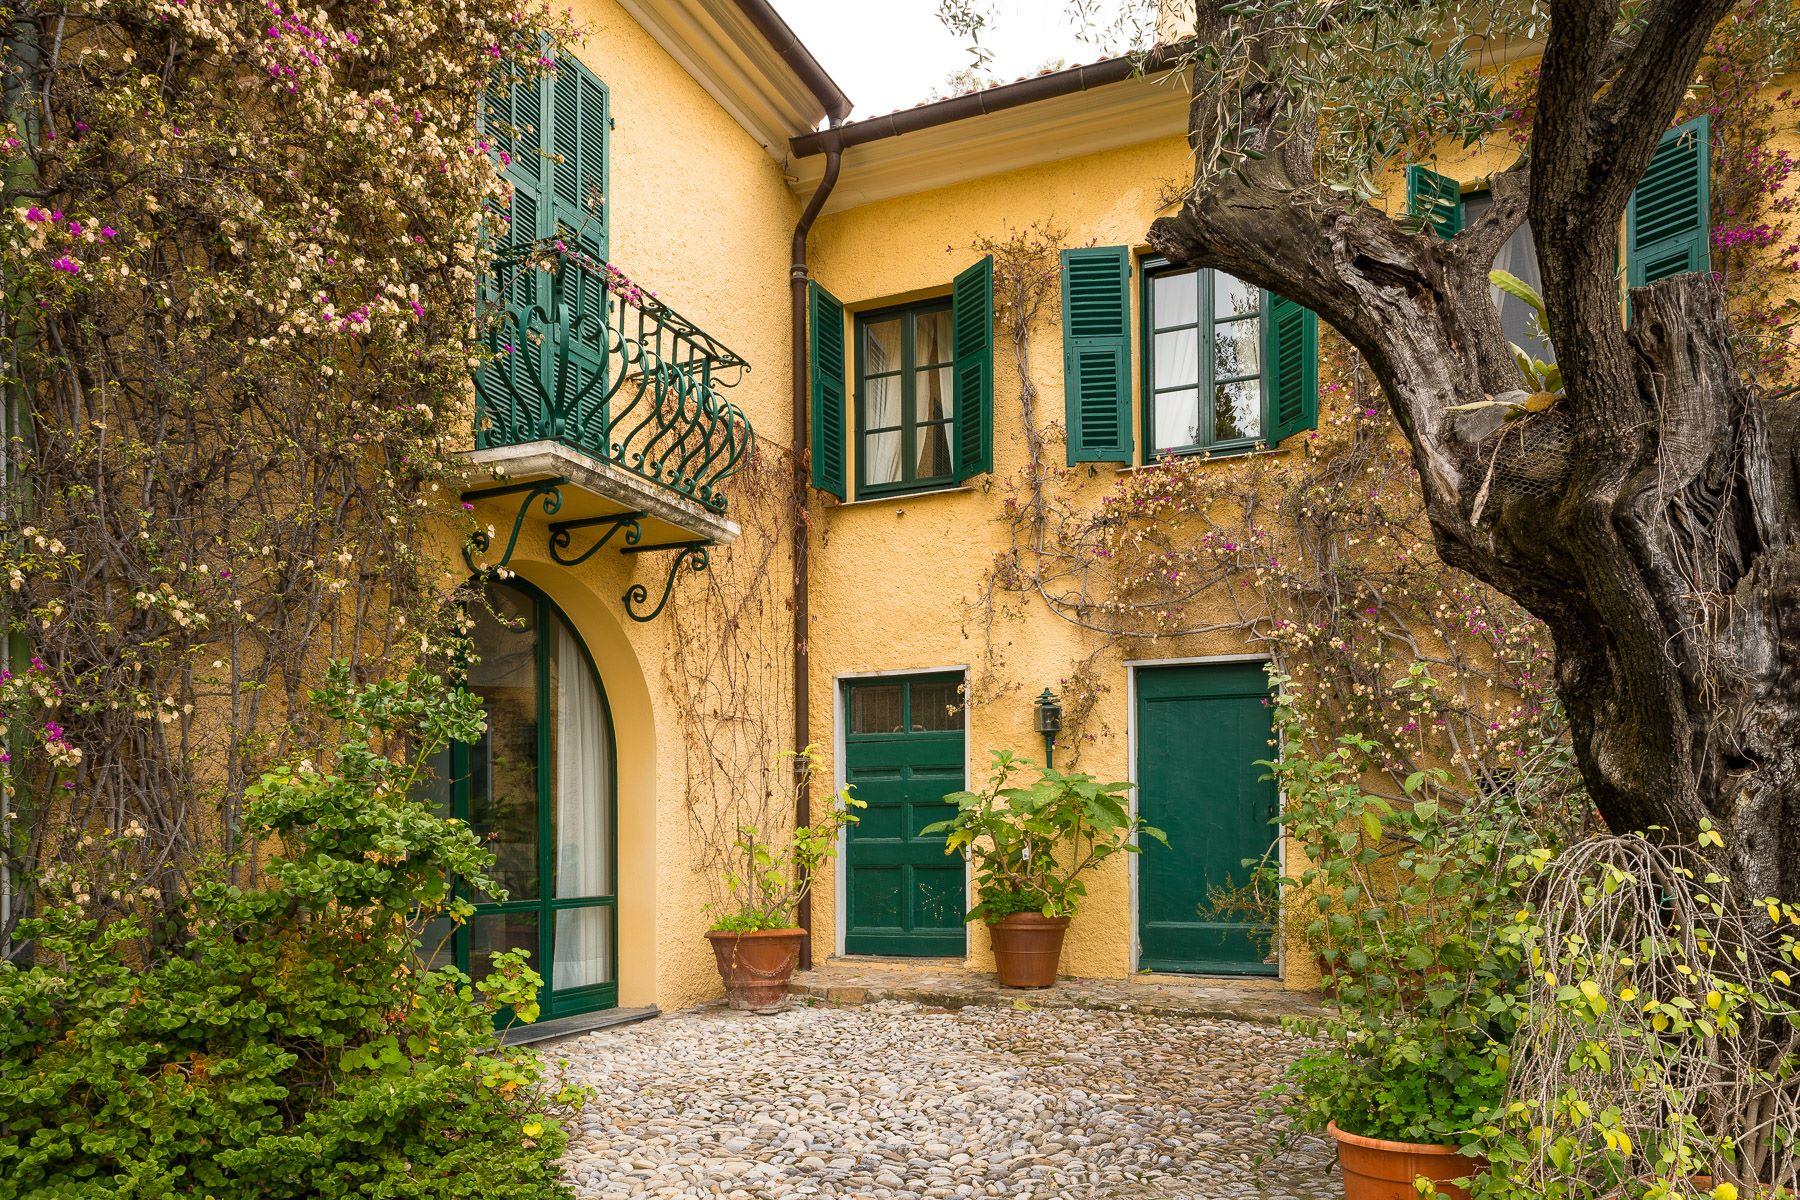 Appartamento per Vendita alle ore Appartamento di grande fascino in Villa storica con accesso privato al mare Corso Arturo Toscanini Ventimiglia, Imperia 18039 Italia